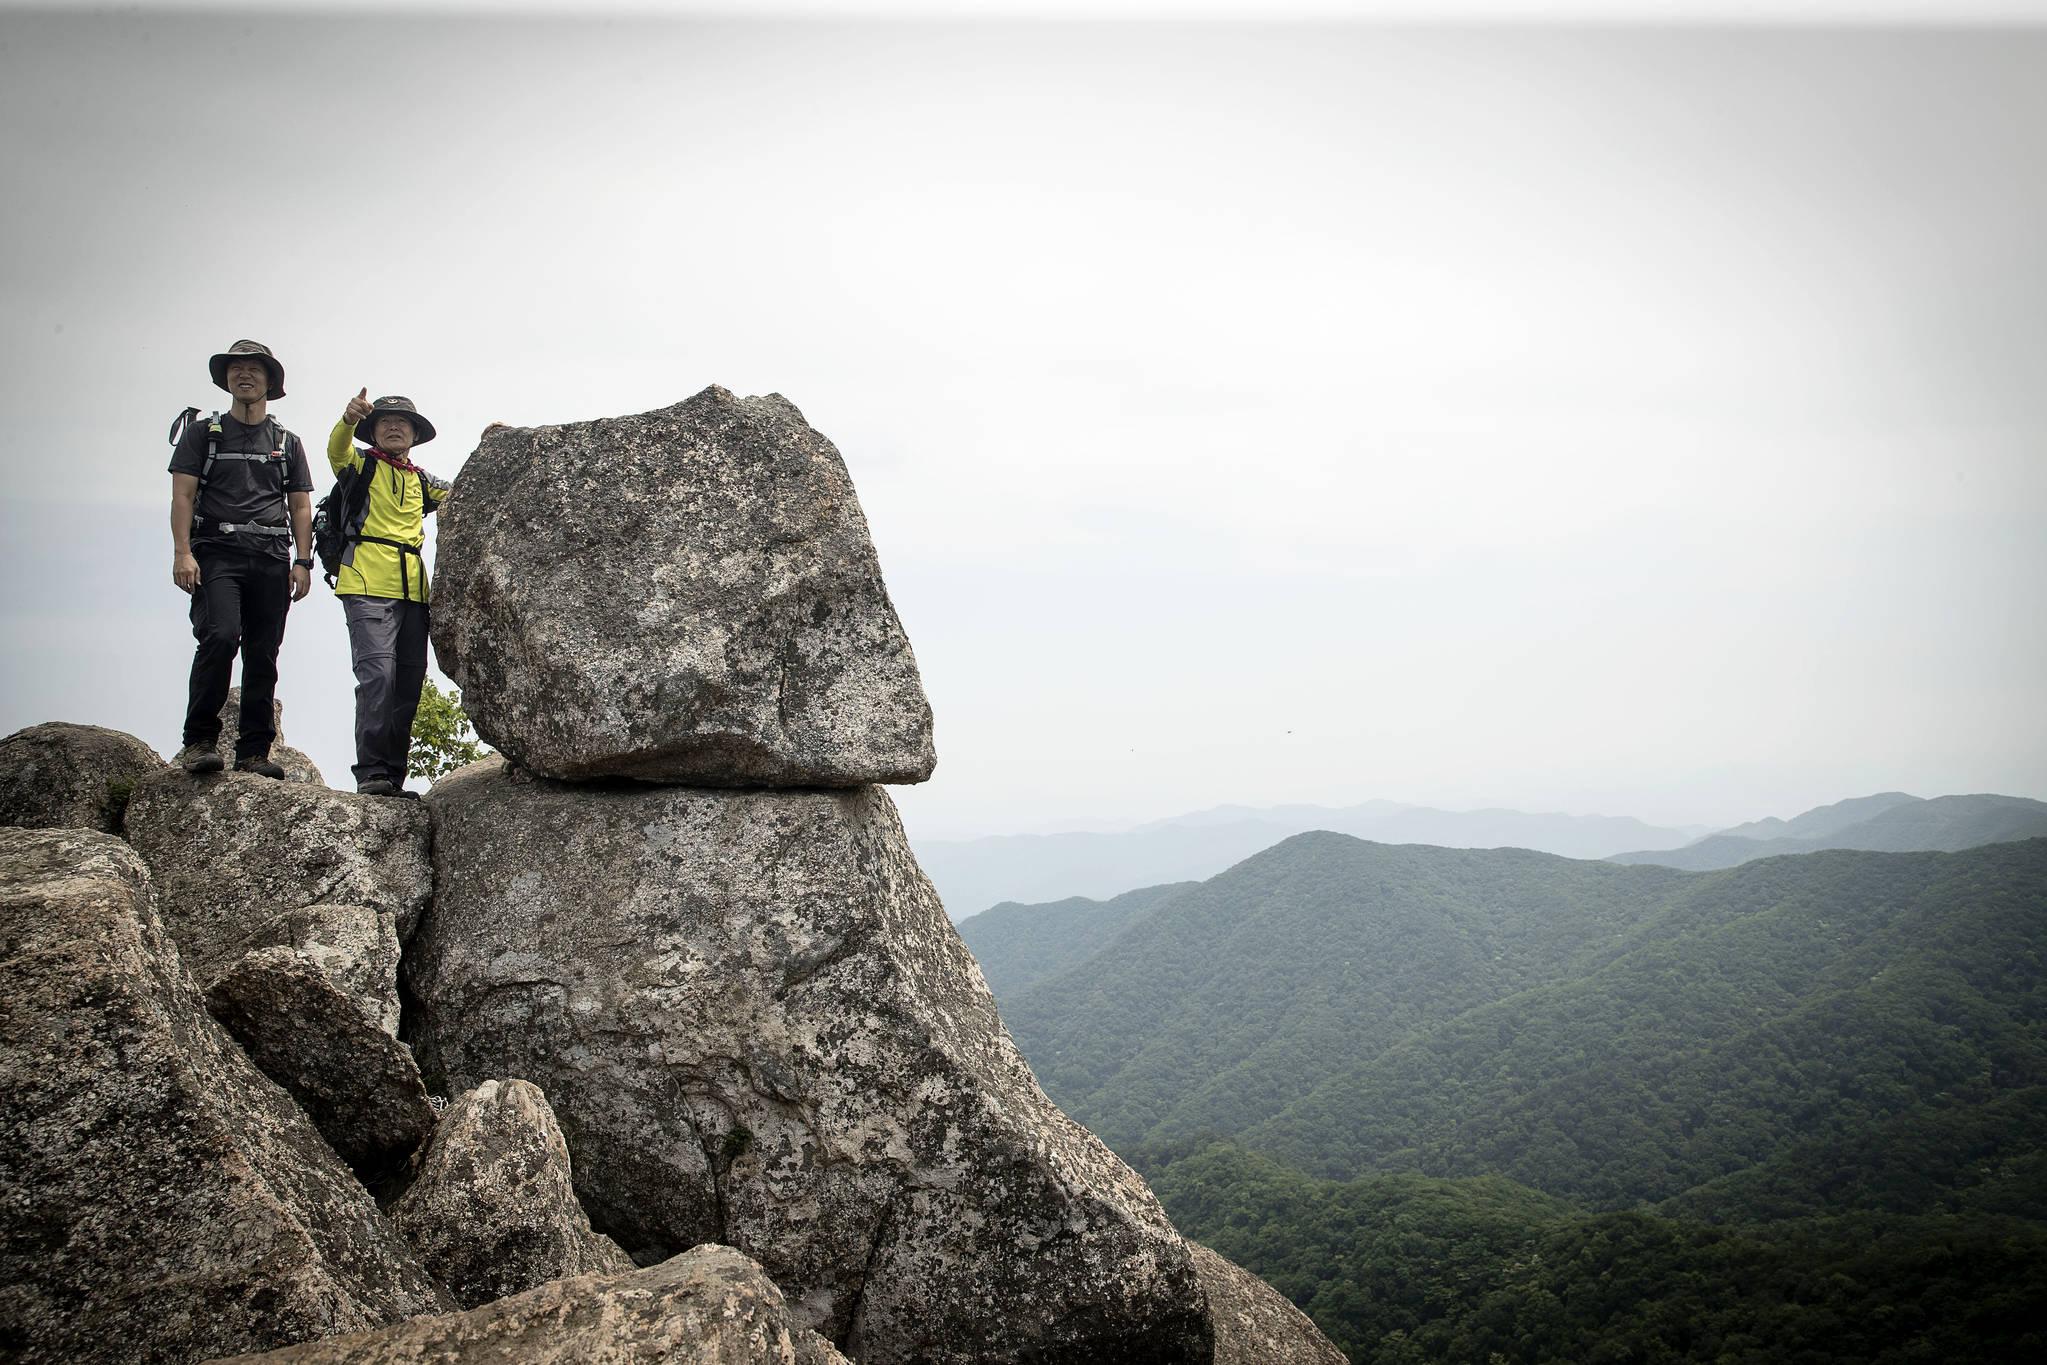 한국 100대 명산에 꼽히는 대암산 정상에 오르면 금강산이 보인다. 큰용늪에서 1.5㎞ 거리지만 큰 바위가 많아 온몸을 써야 한다. [장진영 기자]